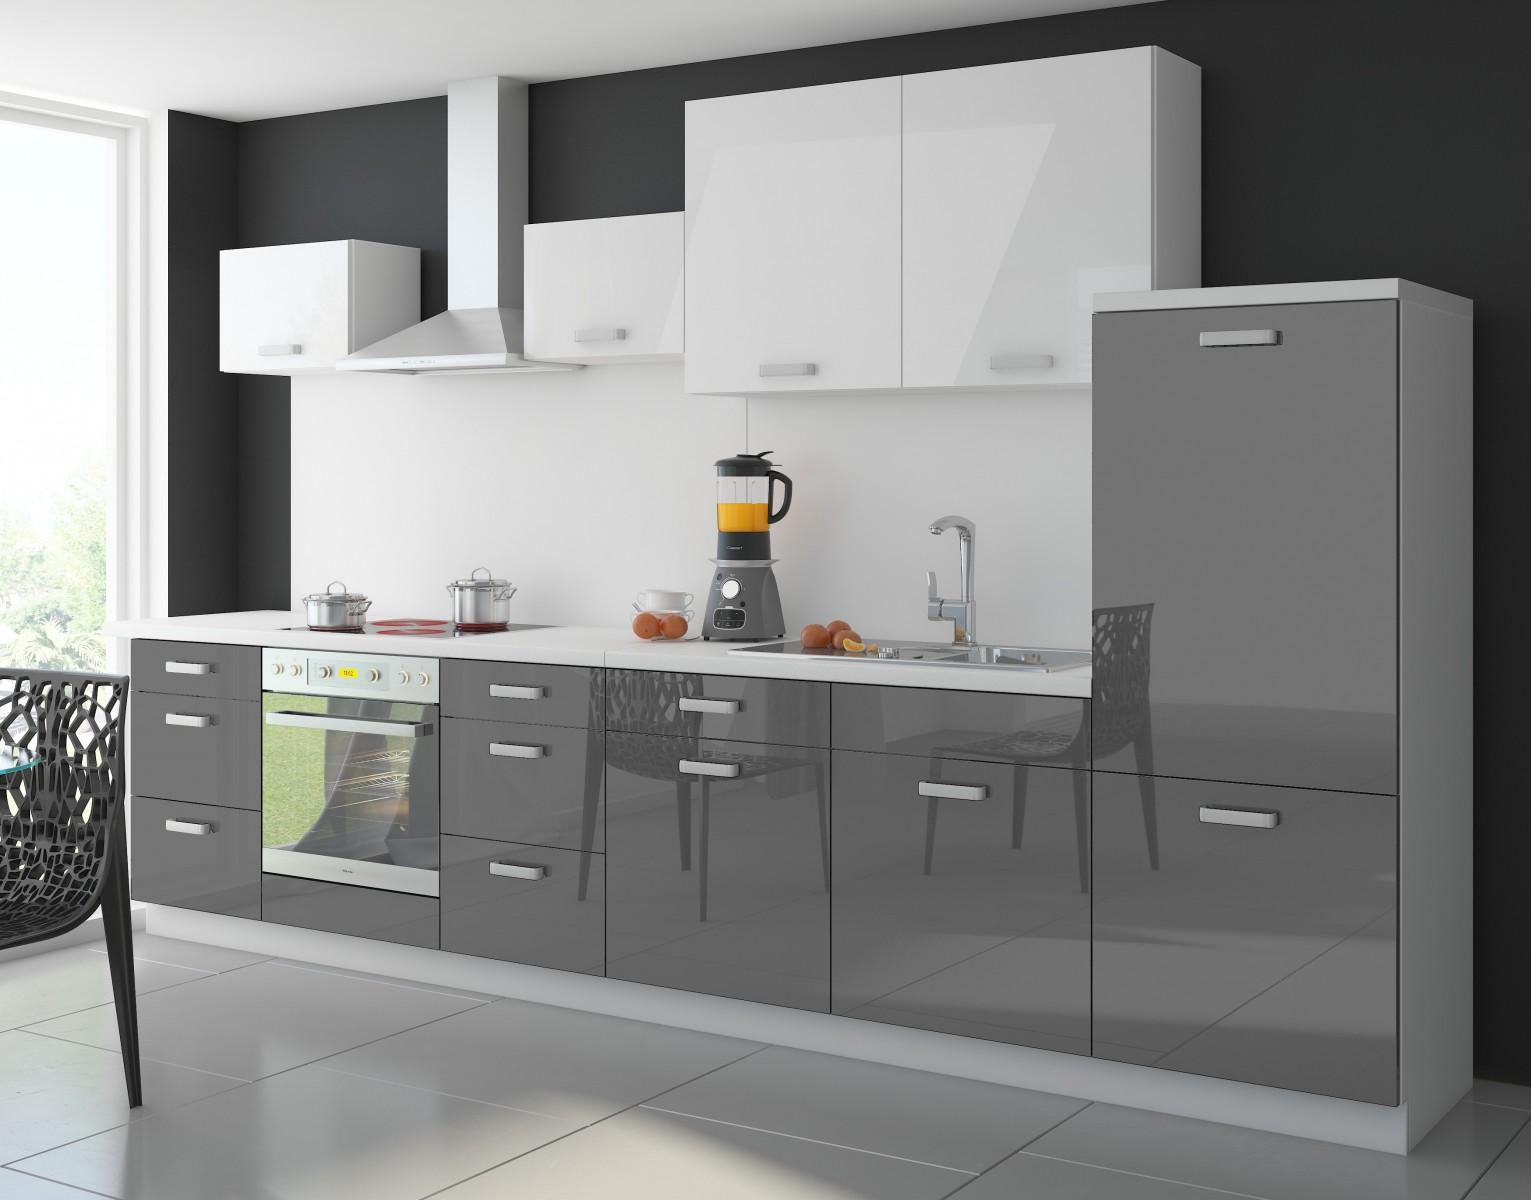 Full Size of Was Kostet Eine Kleine Einbauküche Einbauküche Für Kleine Räume Kleine Einbauküche Mit Waschmaschine Kleine Einbauküche Ebay Küche Kleine Einbauküche